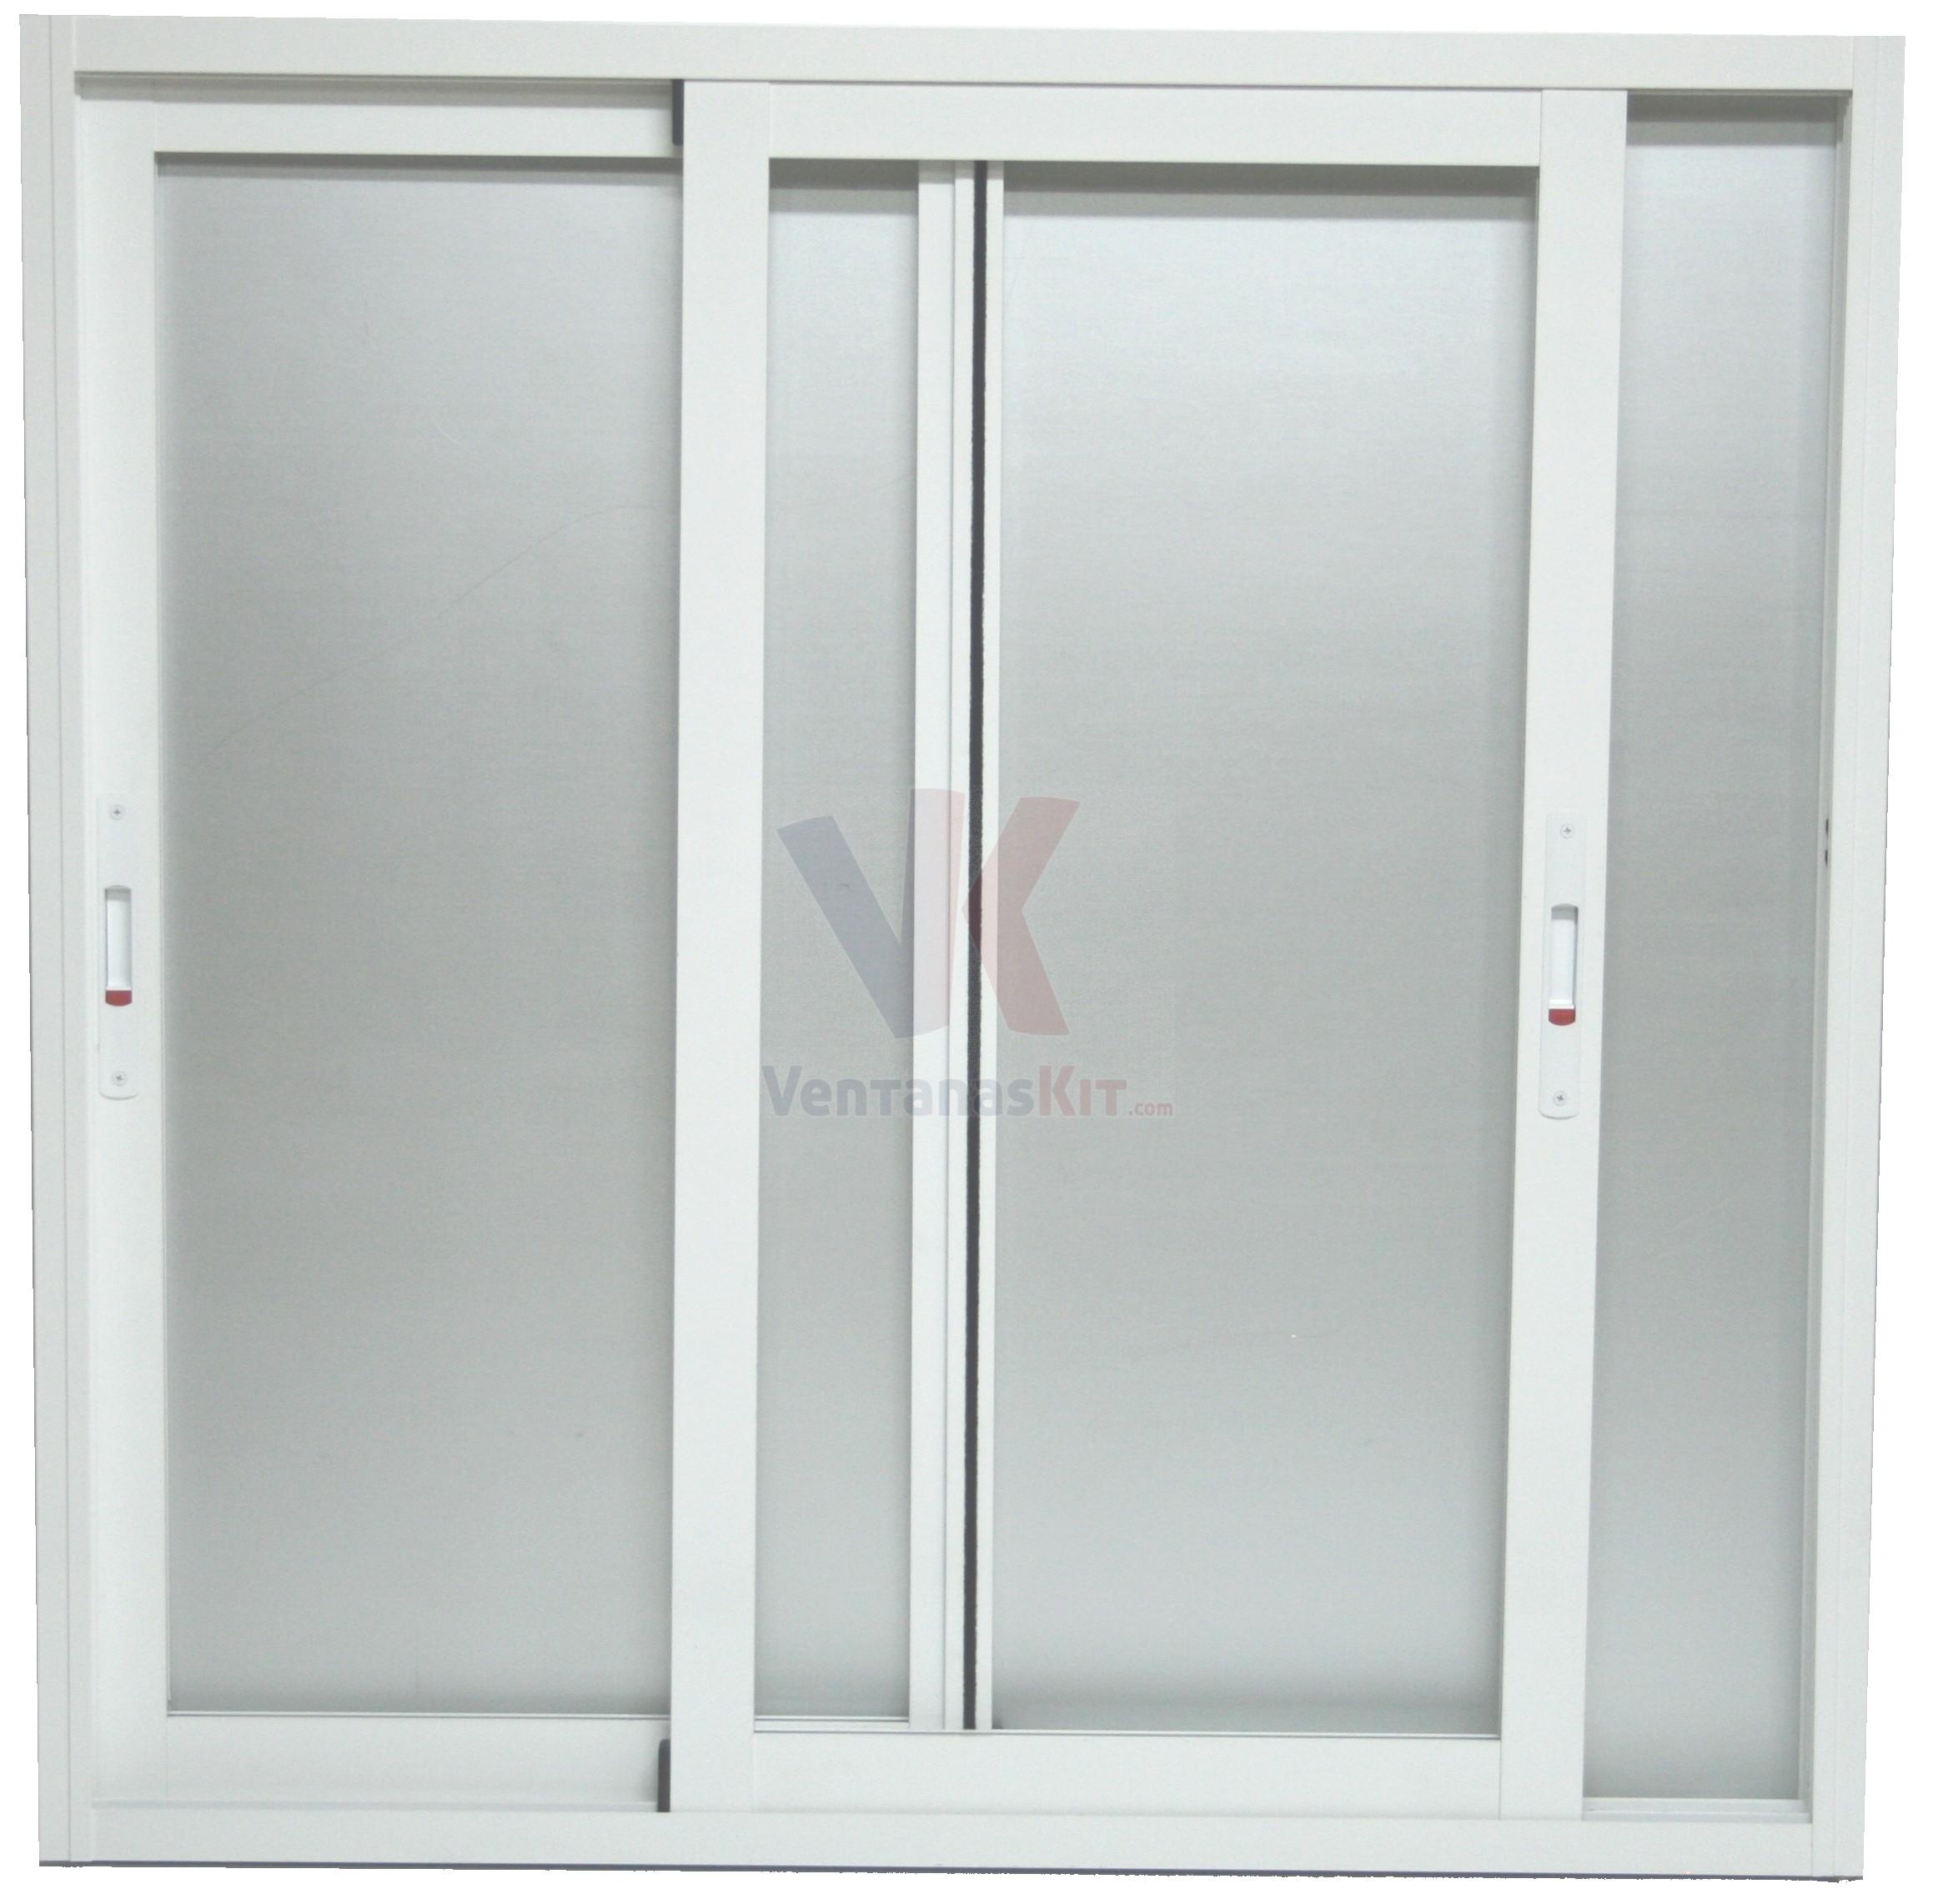 Ventanas de aluminio kit oferta ventana de aluminio for The ventana